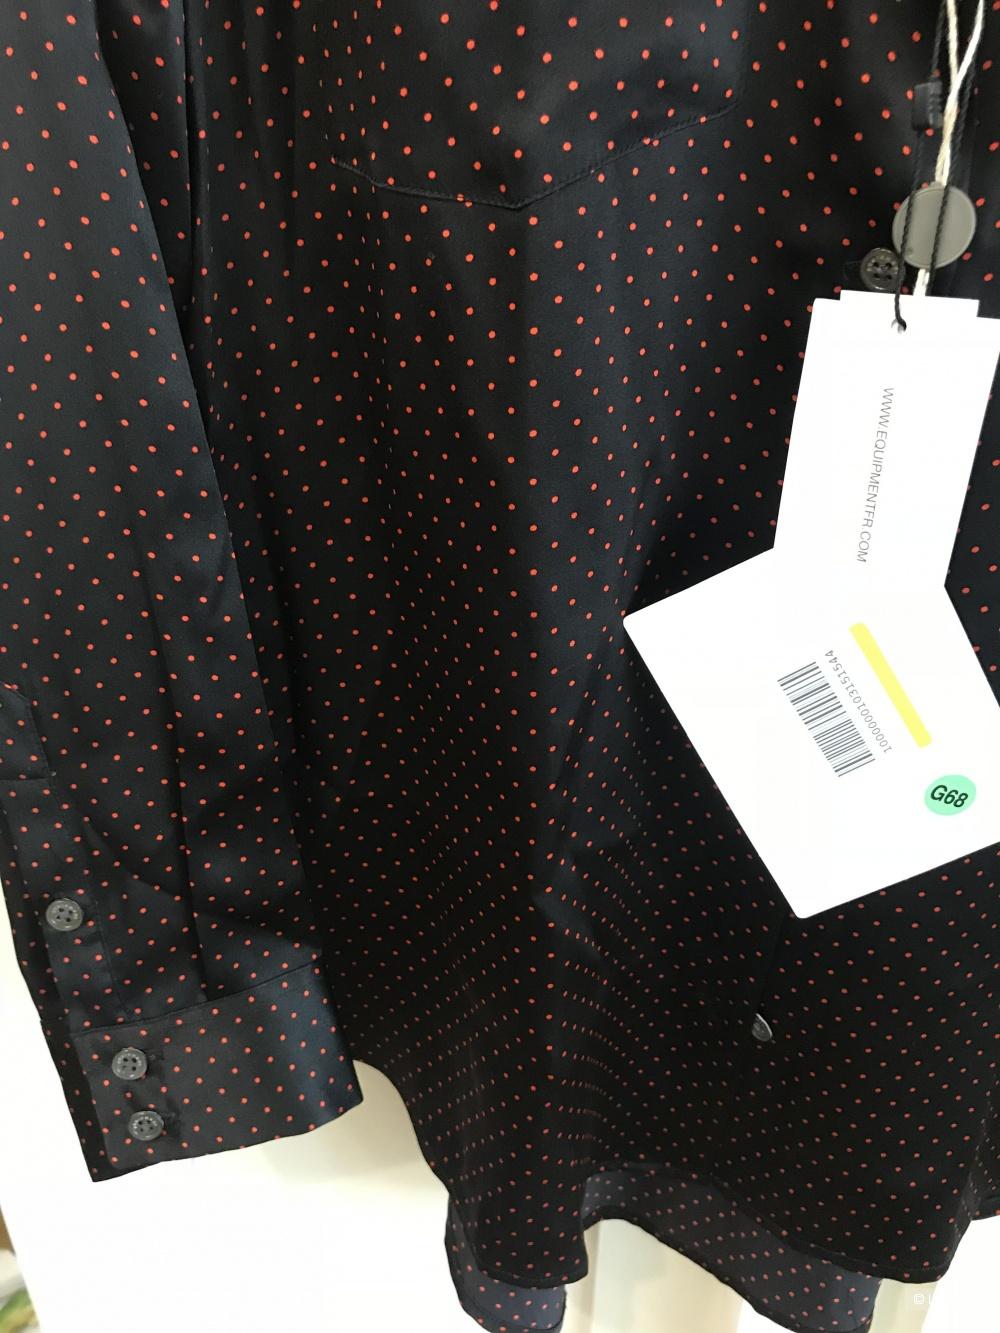 Рубашка EQUIPMENT, размер S